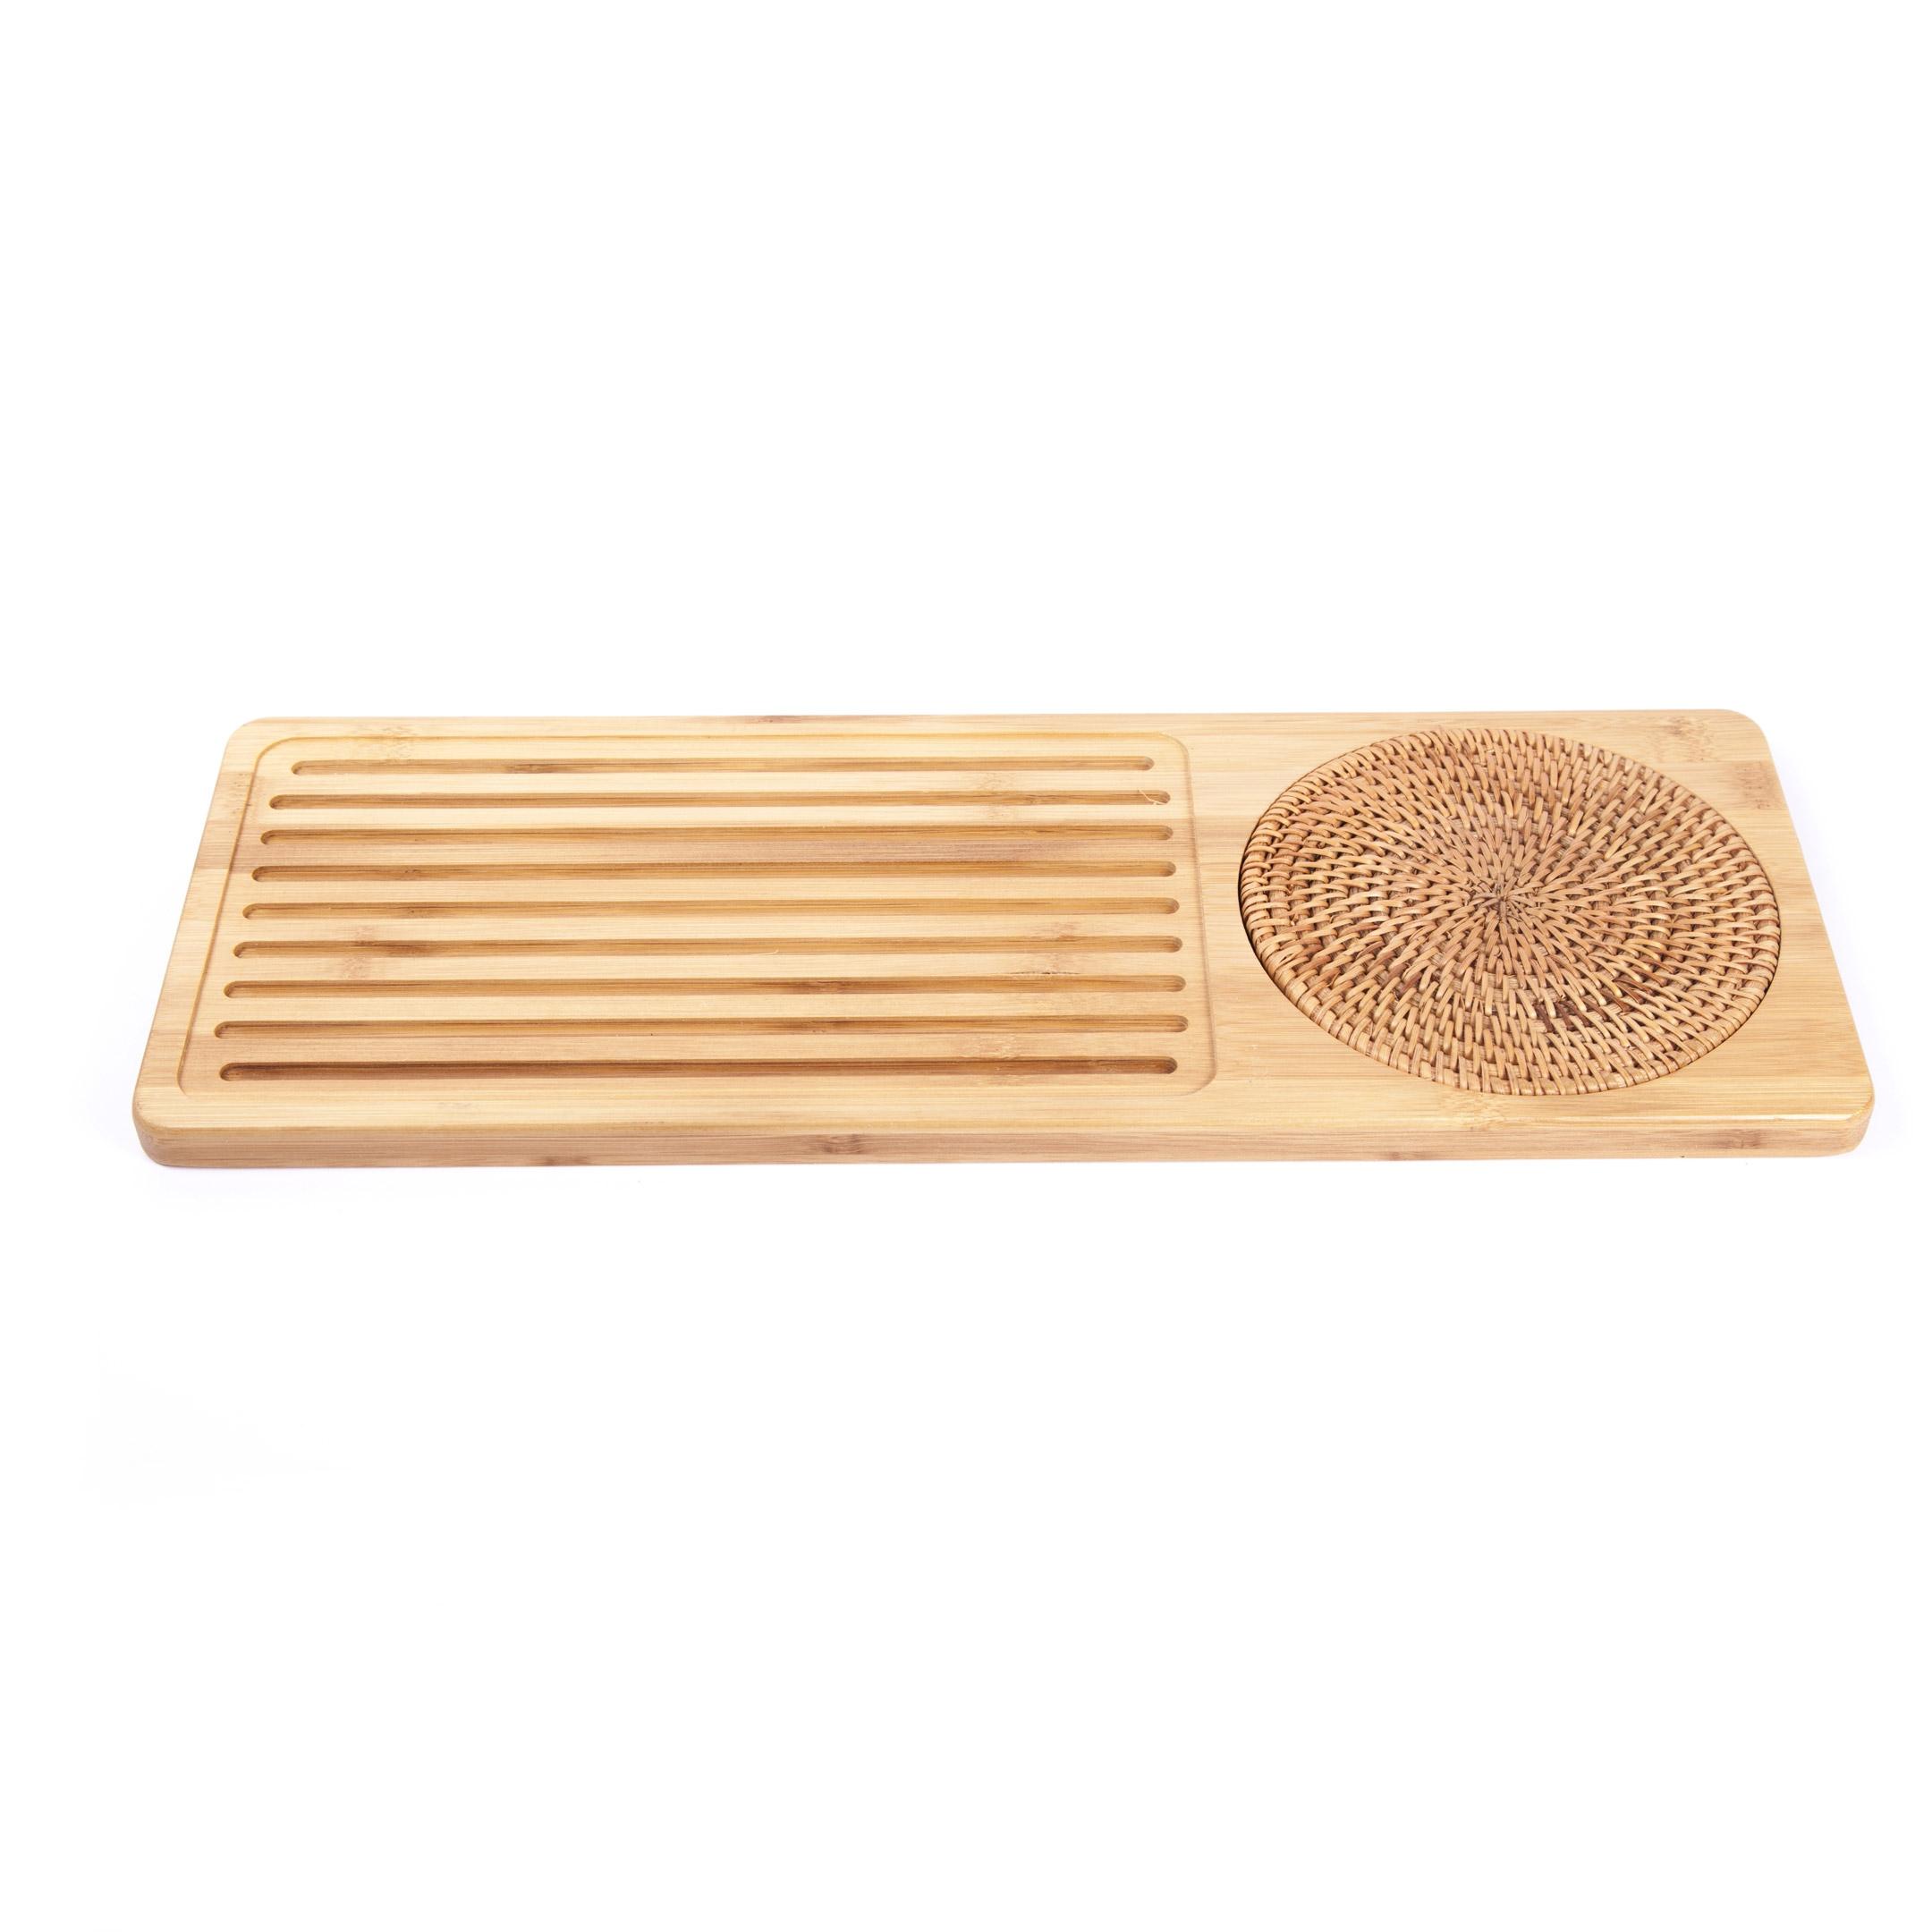 Podnos bambus s guľatou podložkou